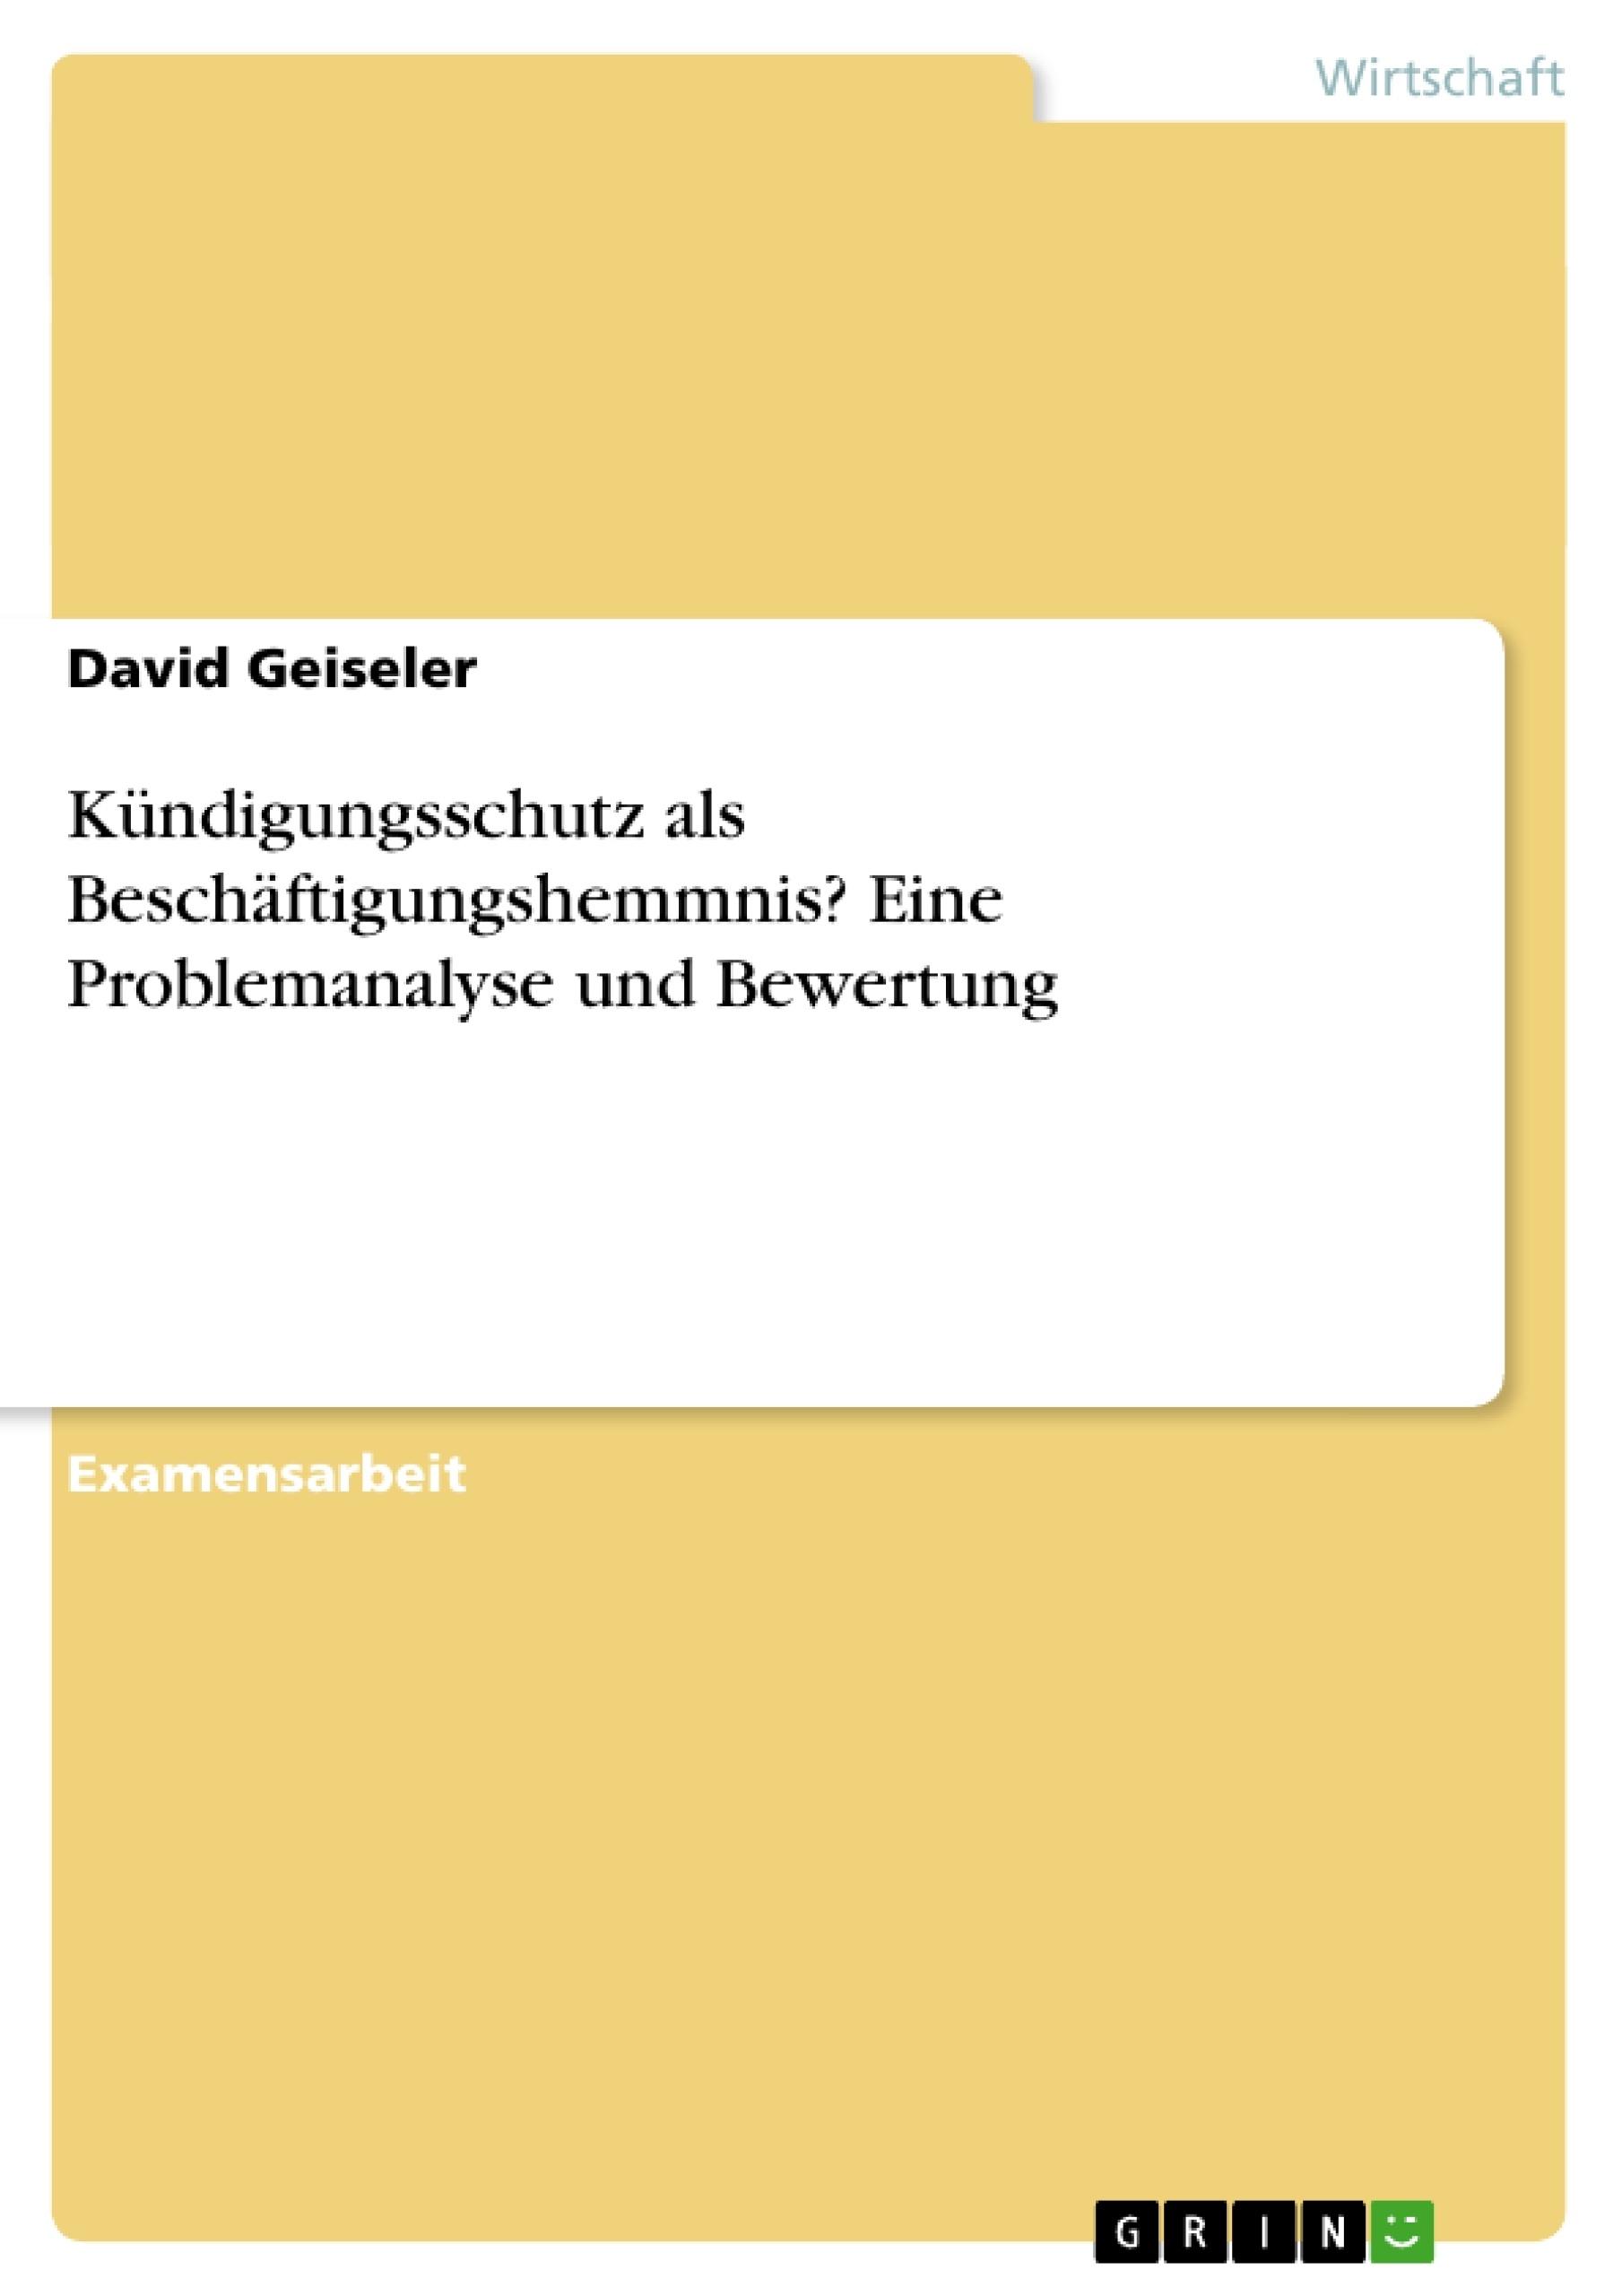 Titel: Kündigungsschutz als Beschäftigungshemmnis? Eine Problemanalyse und Bewertung